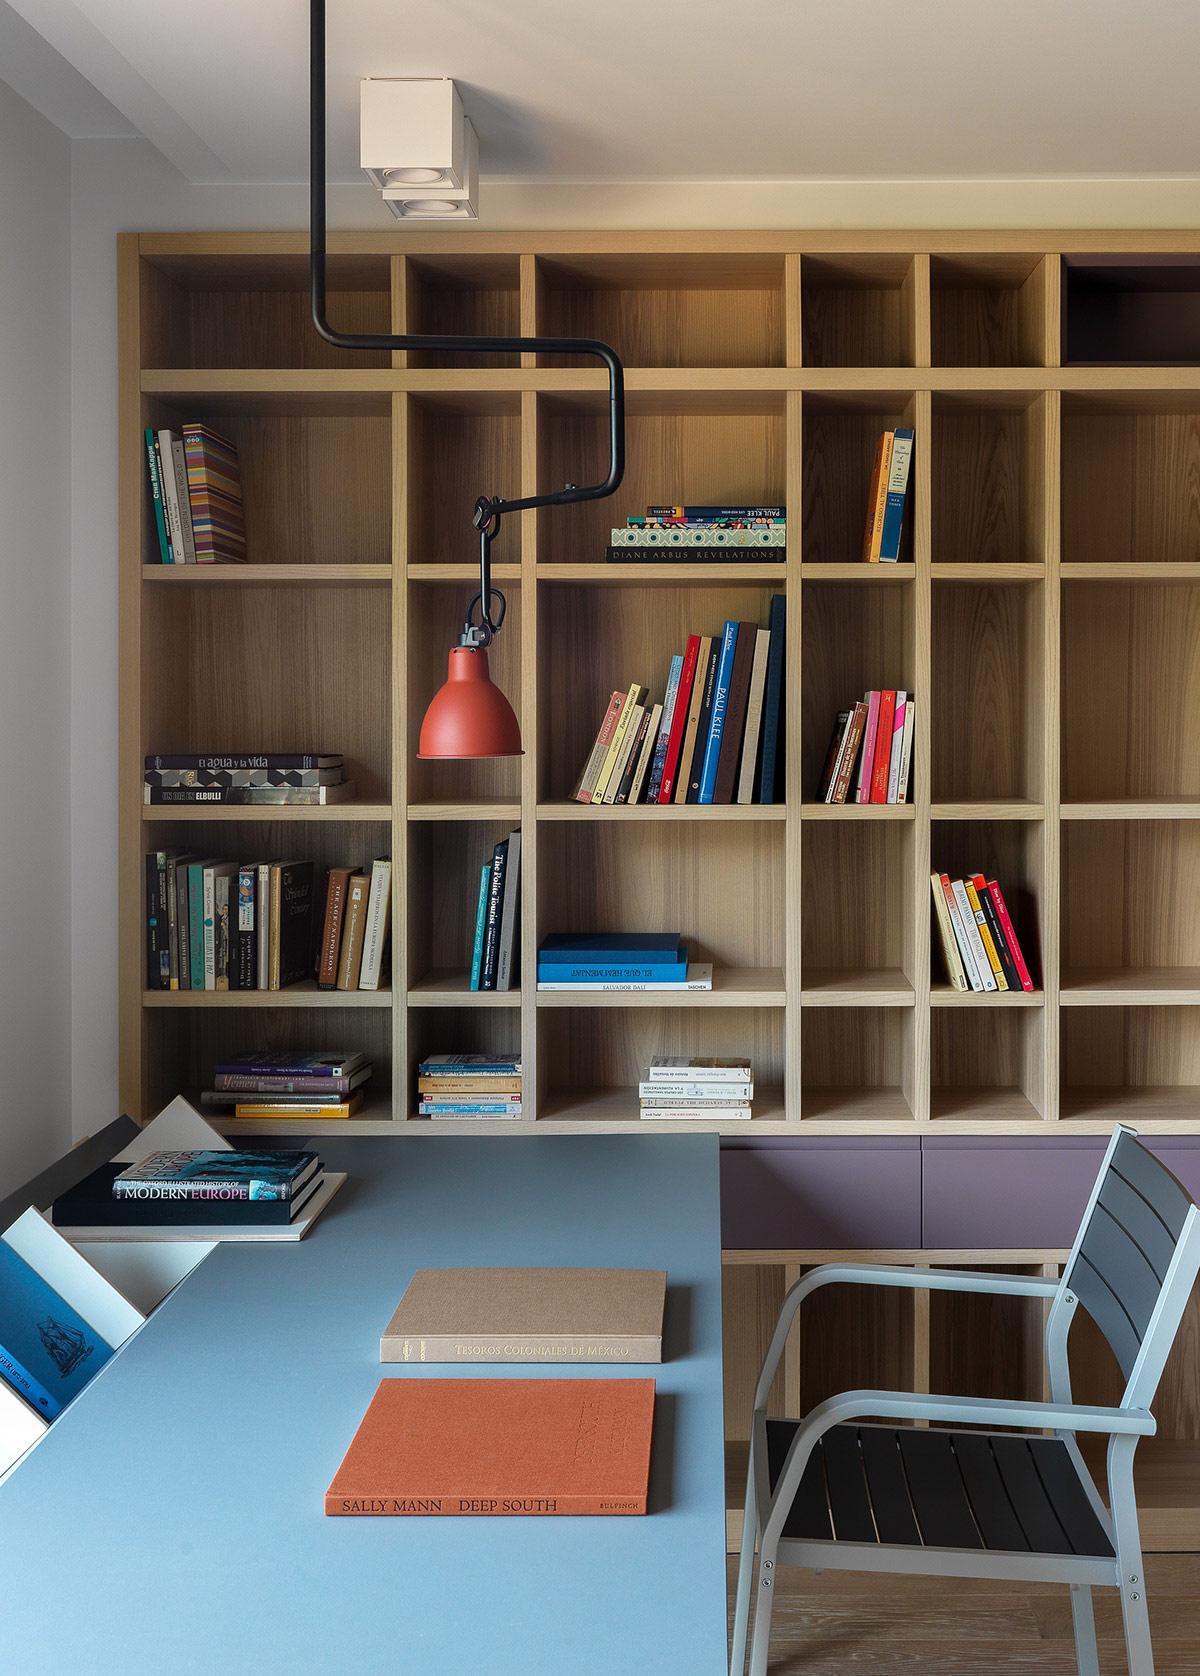 鲜艳的色调 清新的自然风格:巴塞罗那彩虹色家居设计